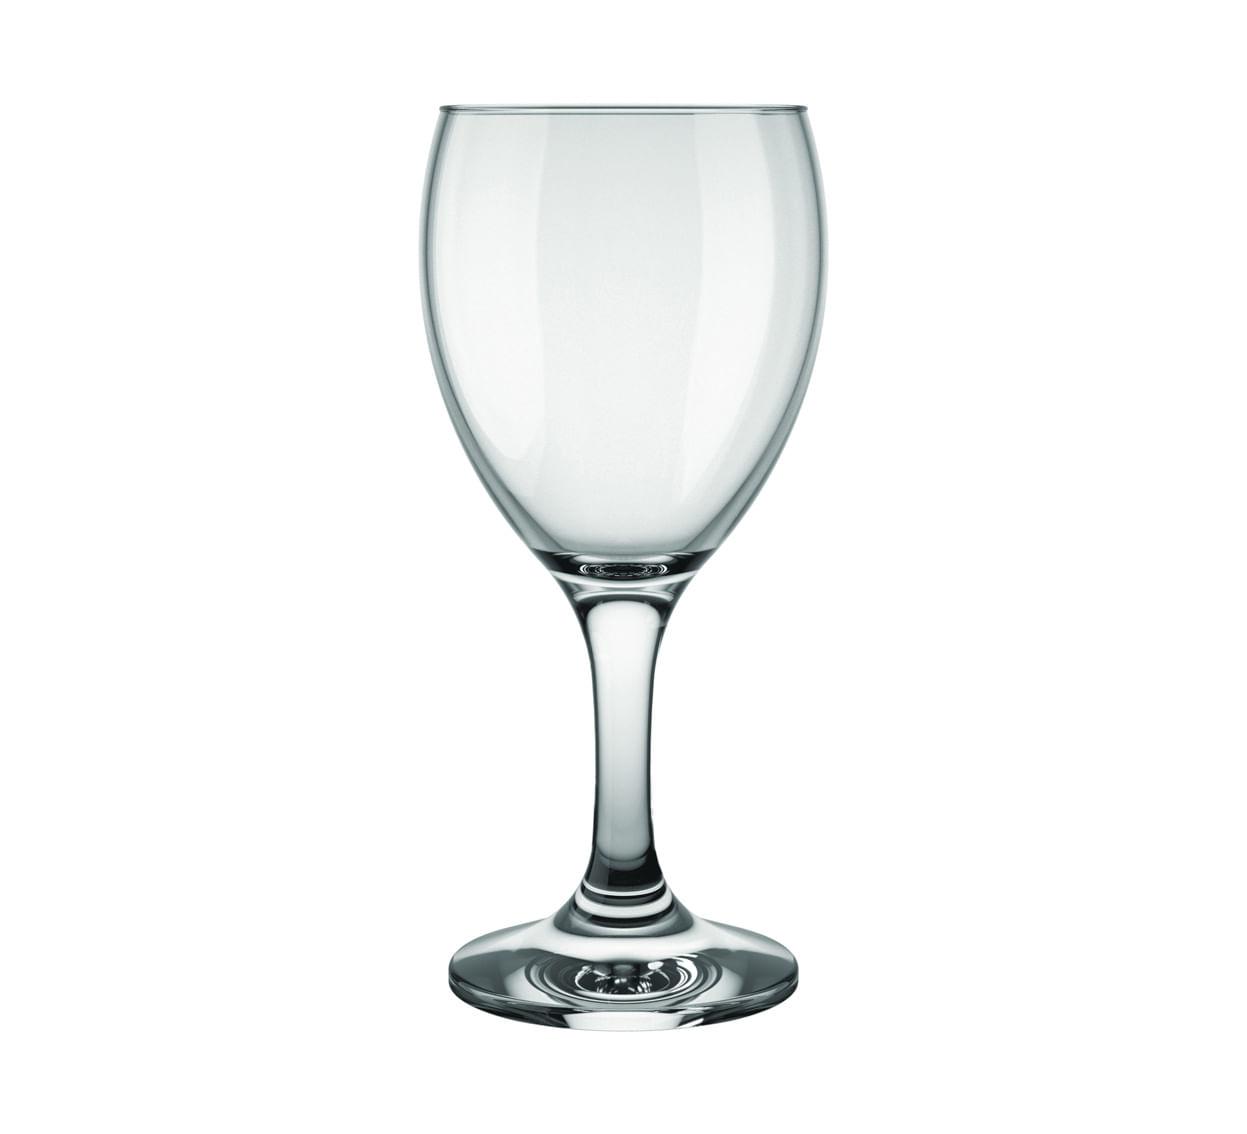 Jogo 6 Taças Windsor 7428 Vinho Branco - Nadir Figueiredo